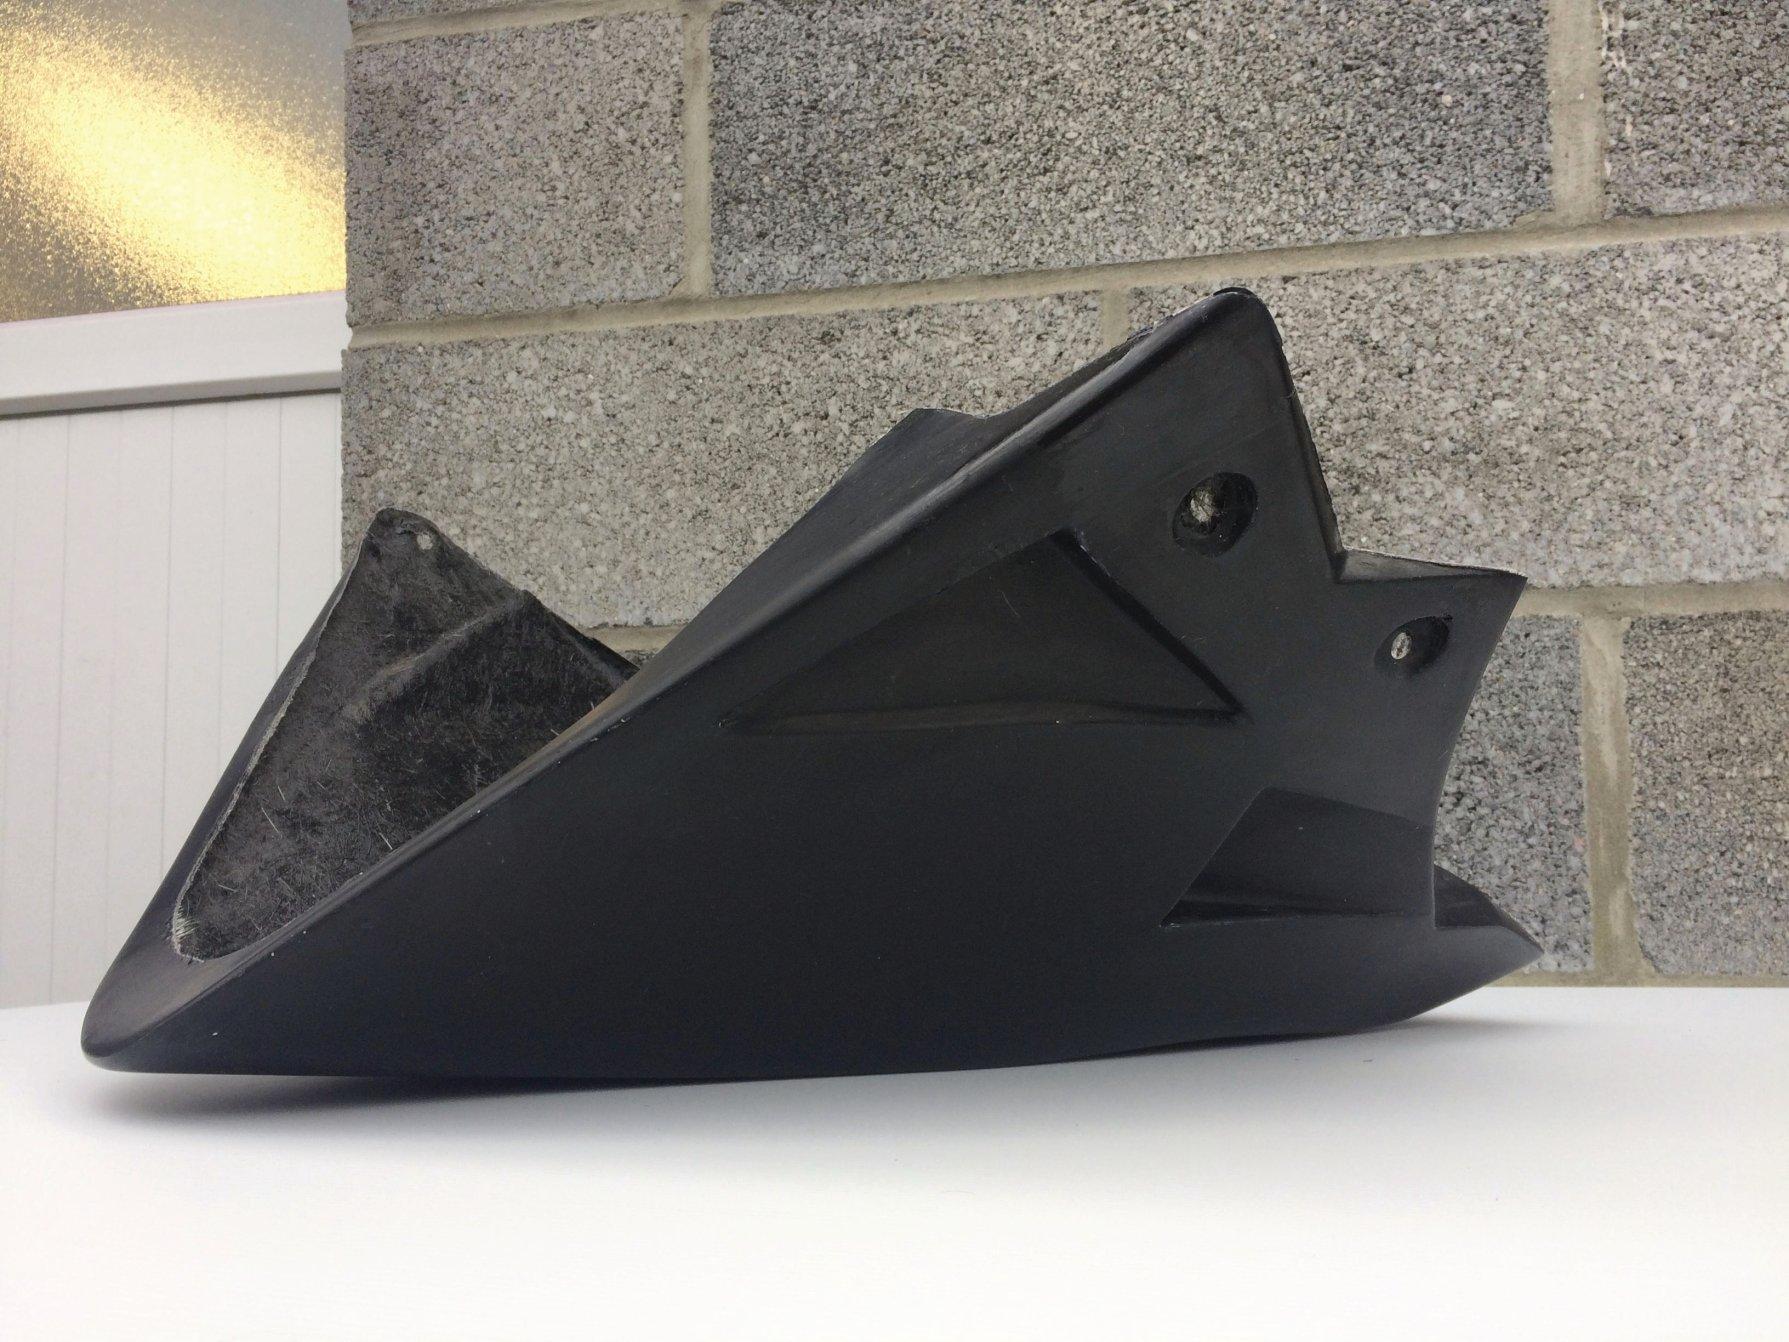 kawasaki z800 protection sabot fibre de verre.